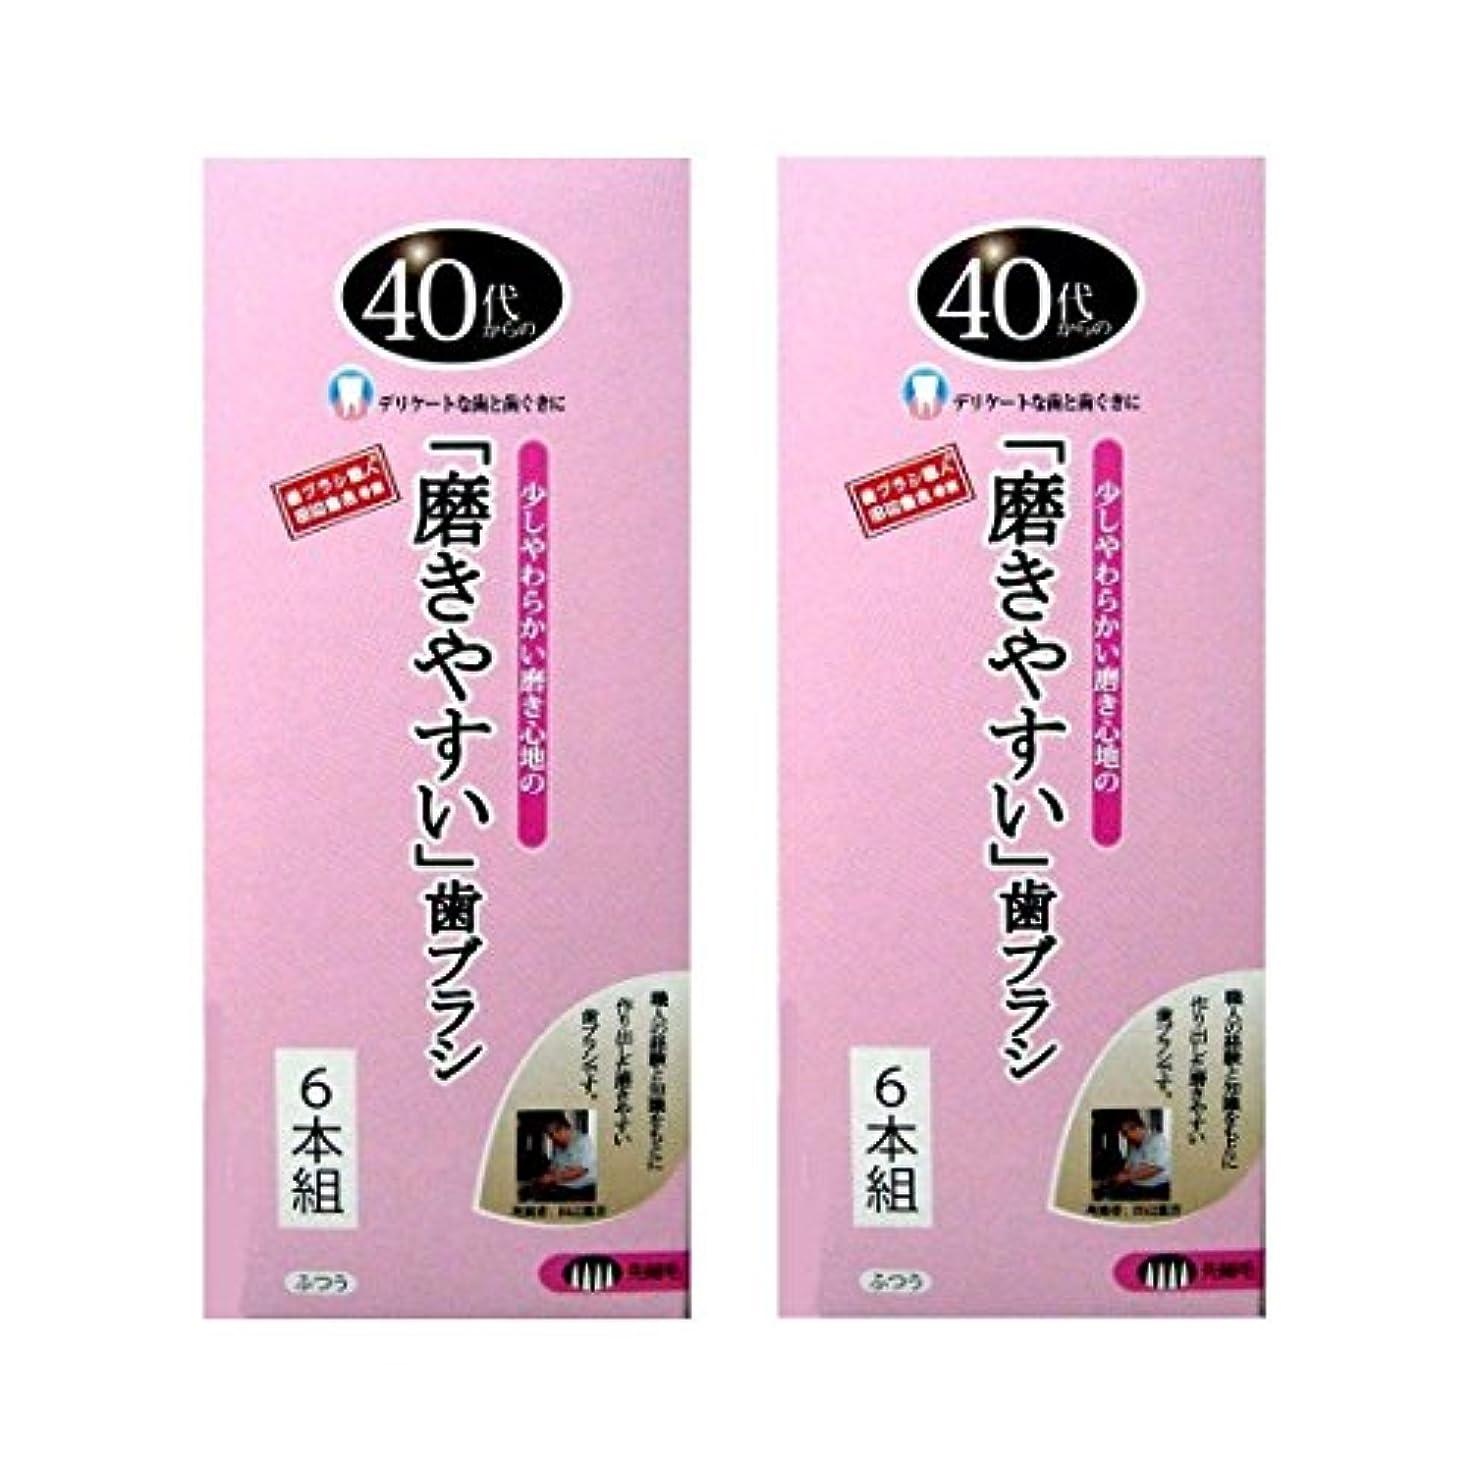 途方もないヘッジ用心歯ブラシ職人 Artooth ® 田辺重吉の磨きやすい 40代からの歯ブラシ 歯ぐきにやさしい 細めの毛 先細毛 日本製 12本セットLT-15-12